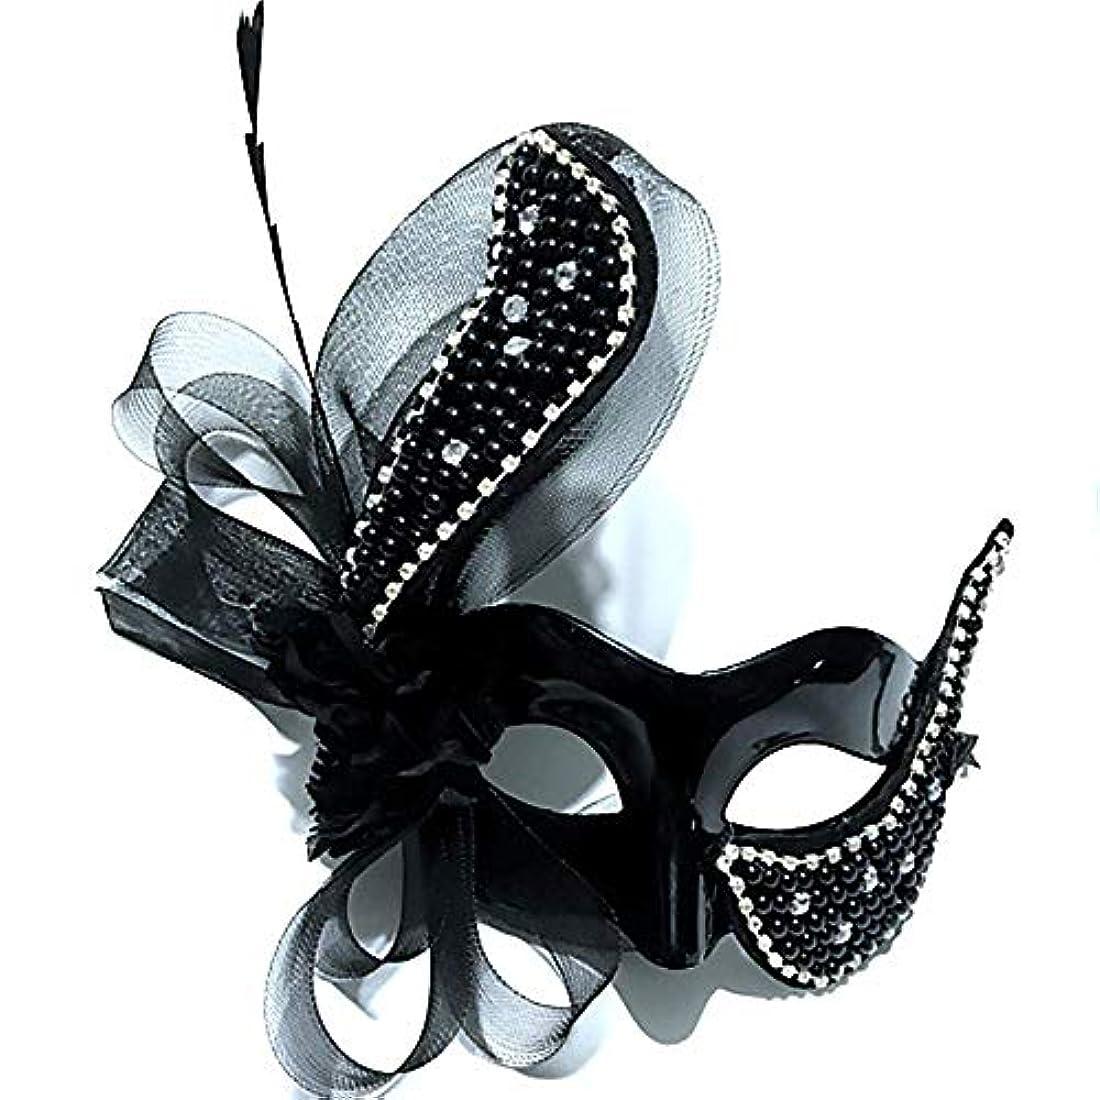 書誌手数料不適当Nanle ハロウィーンヴィンテージフェザーラインストーンマスク仮装マスクレディミスプリンセス美容祭パーティー装飾マスク